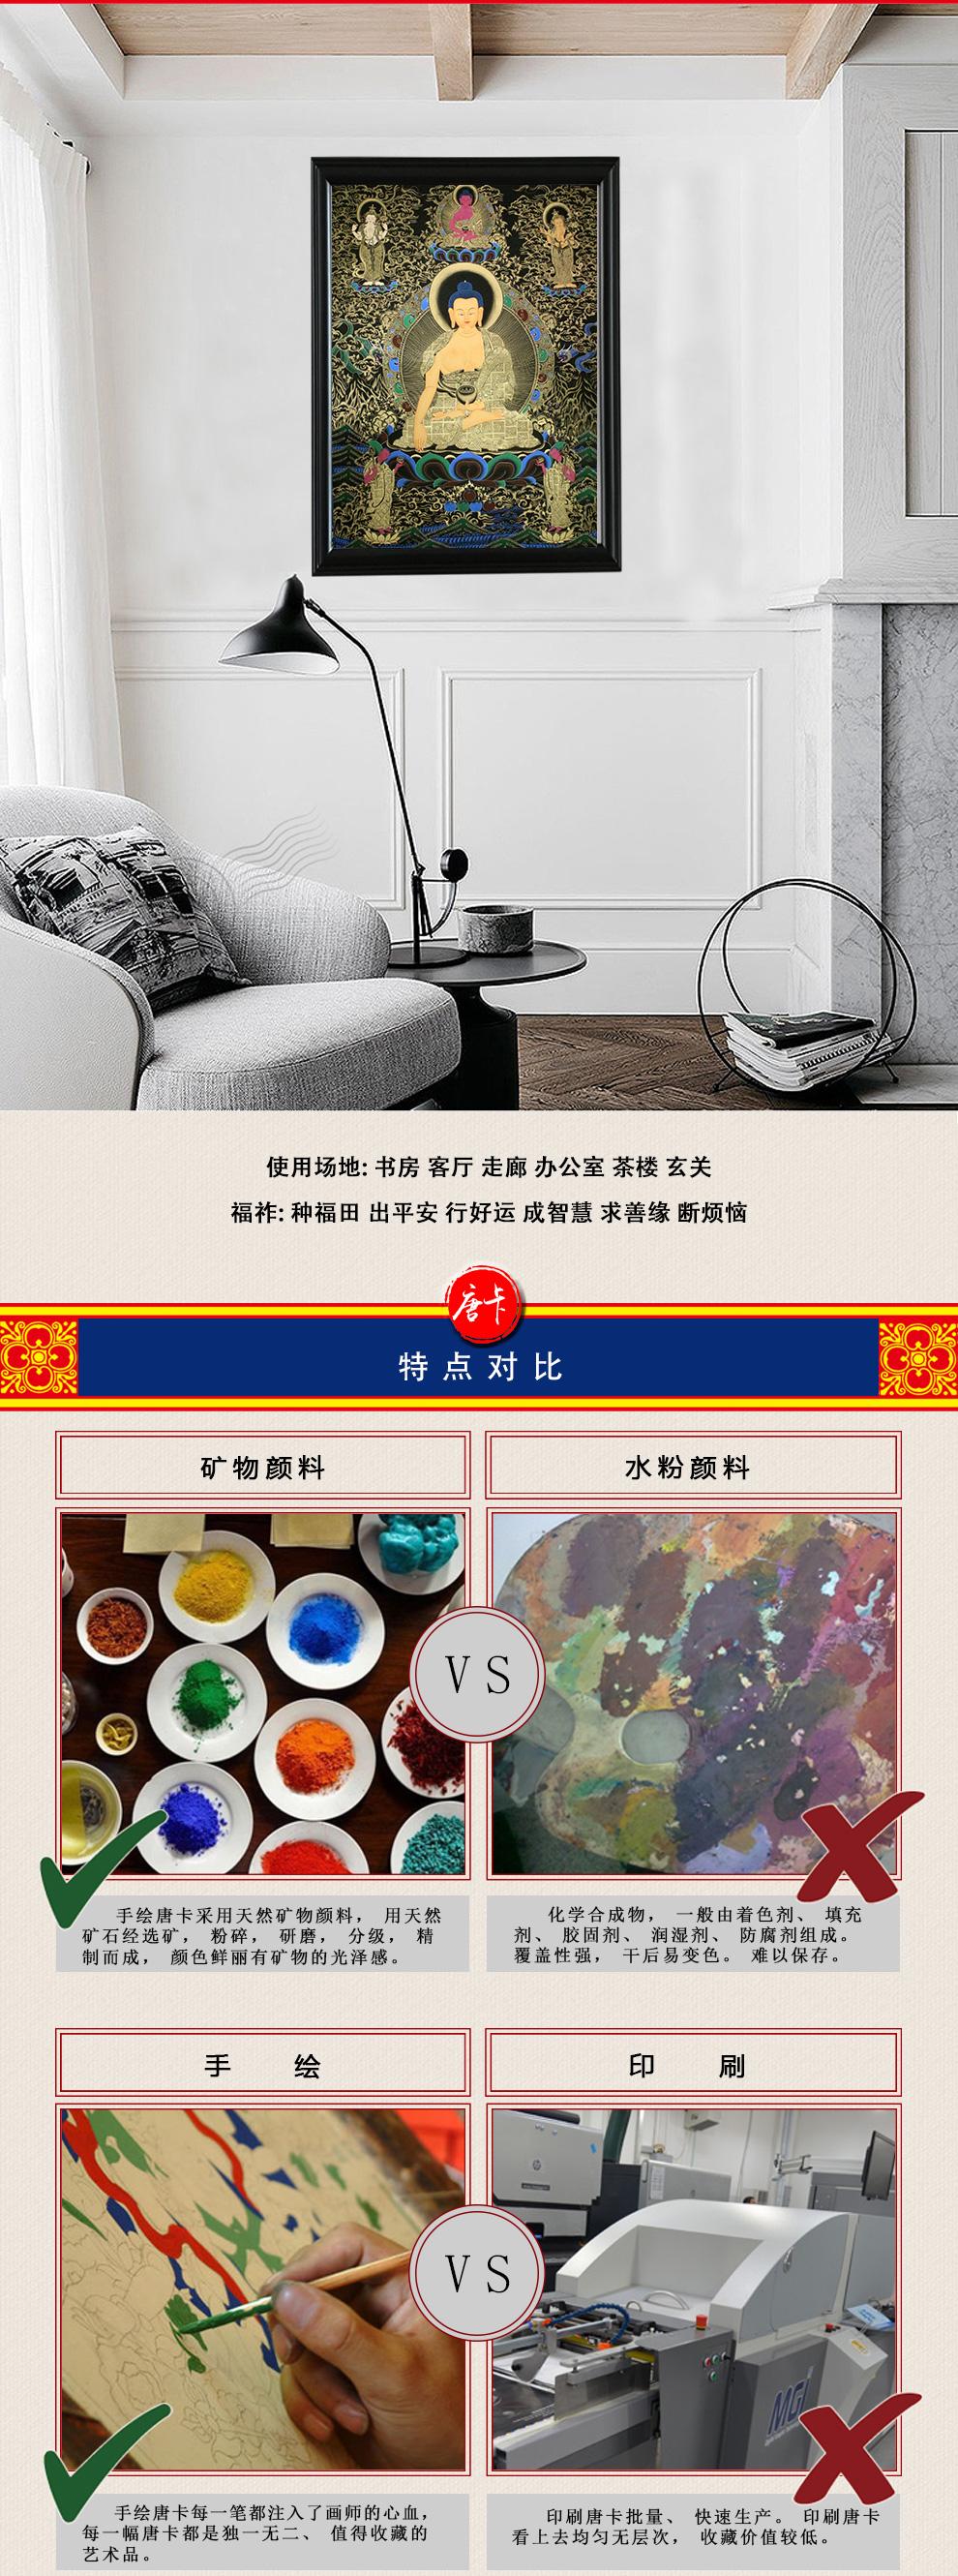 西藏天然矿物颜料手绘药师佛唐卡